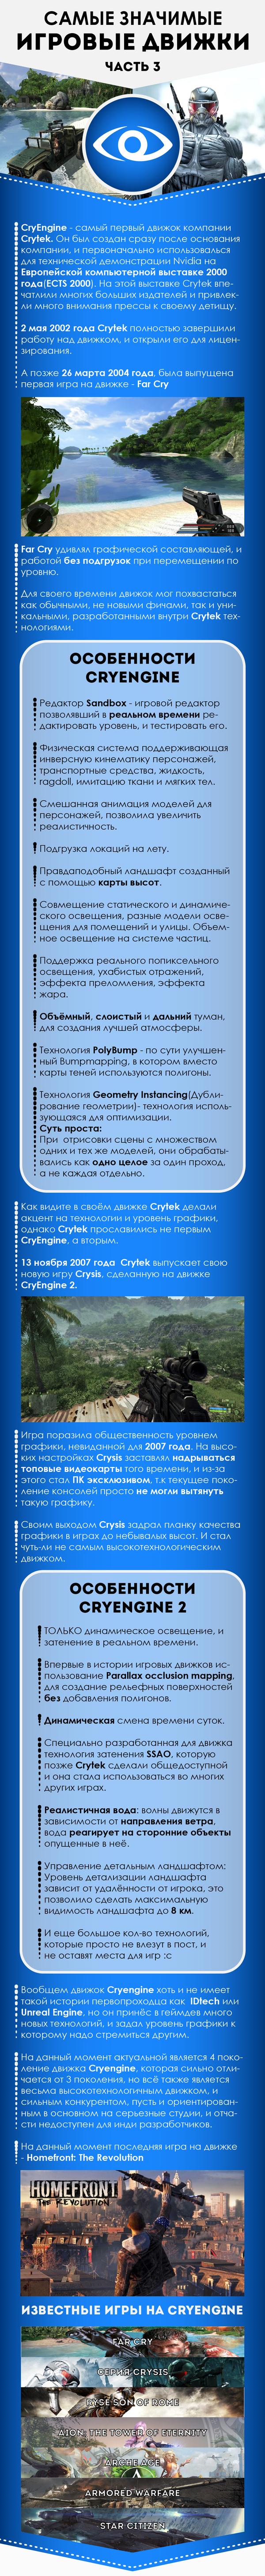 Самые значимые игровые движки, часть 3 длиннопост, моё, Игры, CryEngine, Crysis, Far Cry, видео